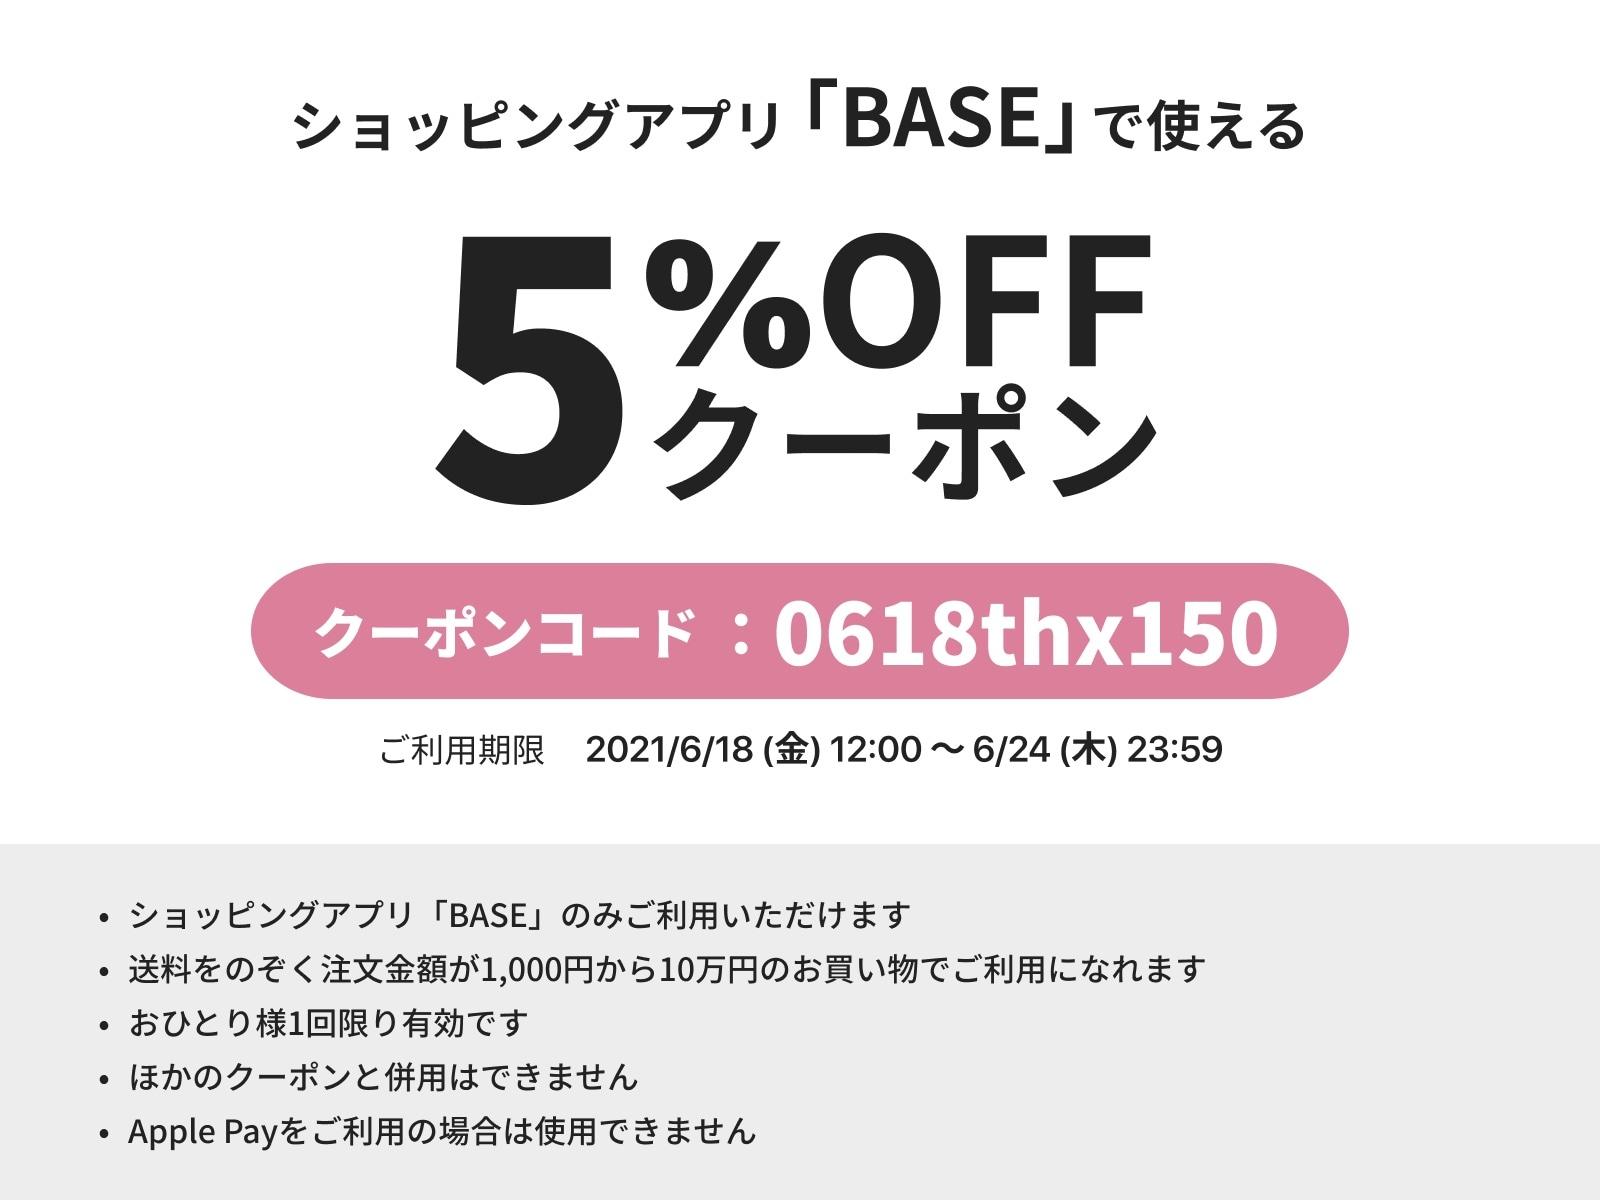 【6/18~6/24 期間限定!】 「BASE」15%OFFクーポンをプレゼント♪